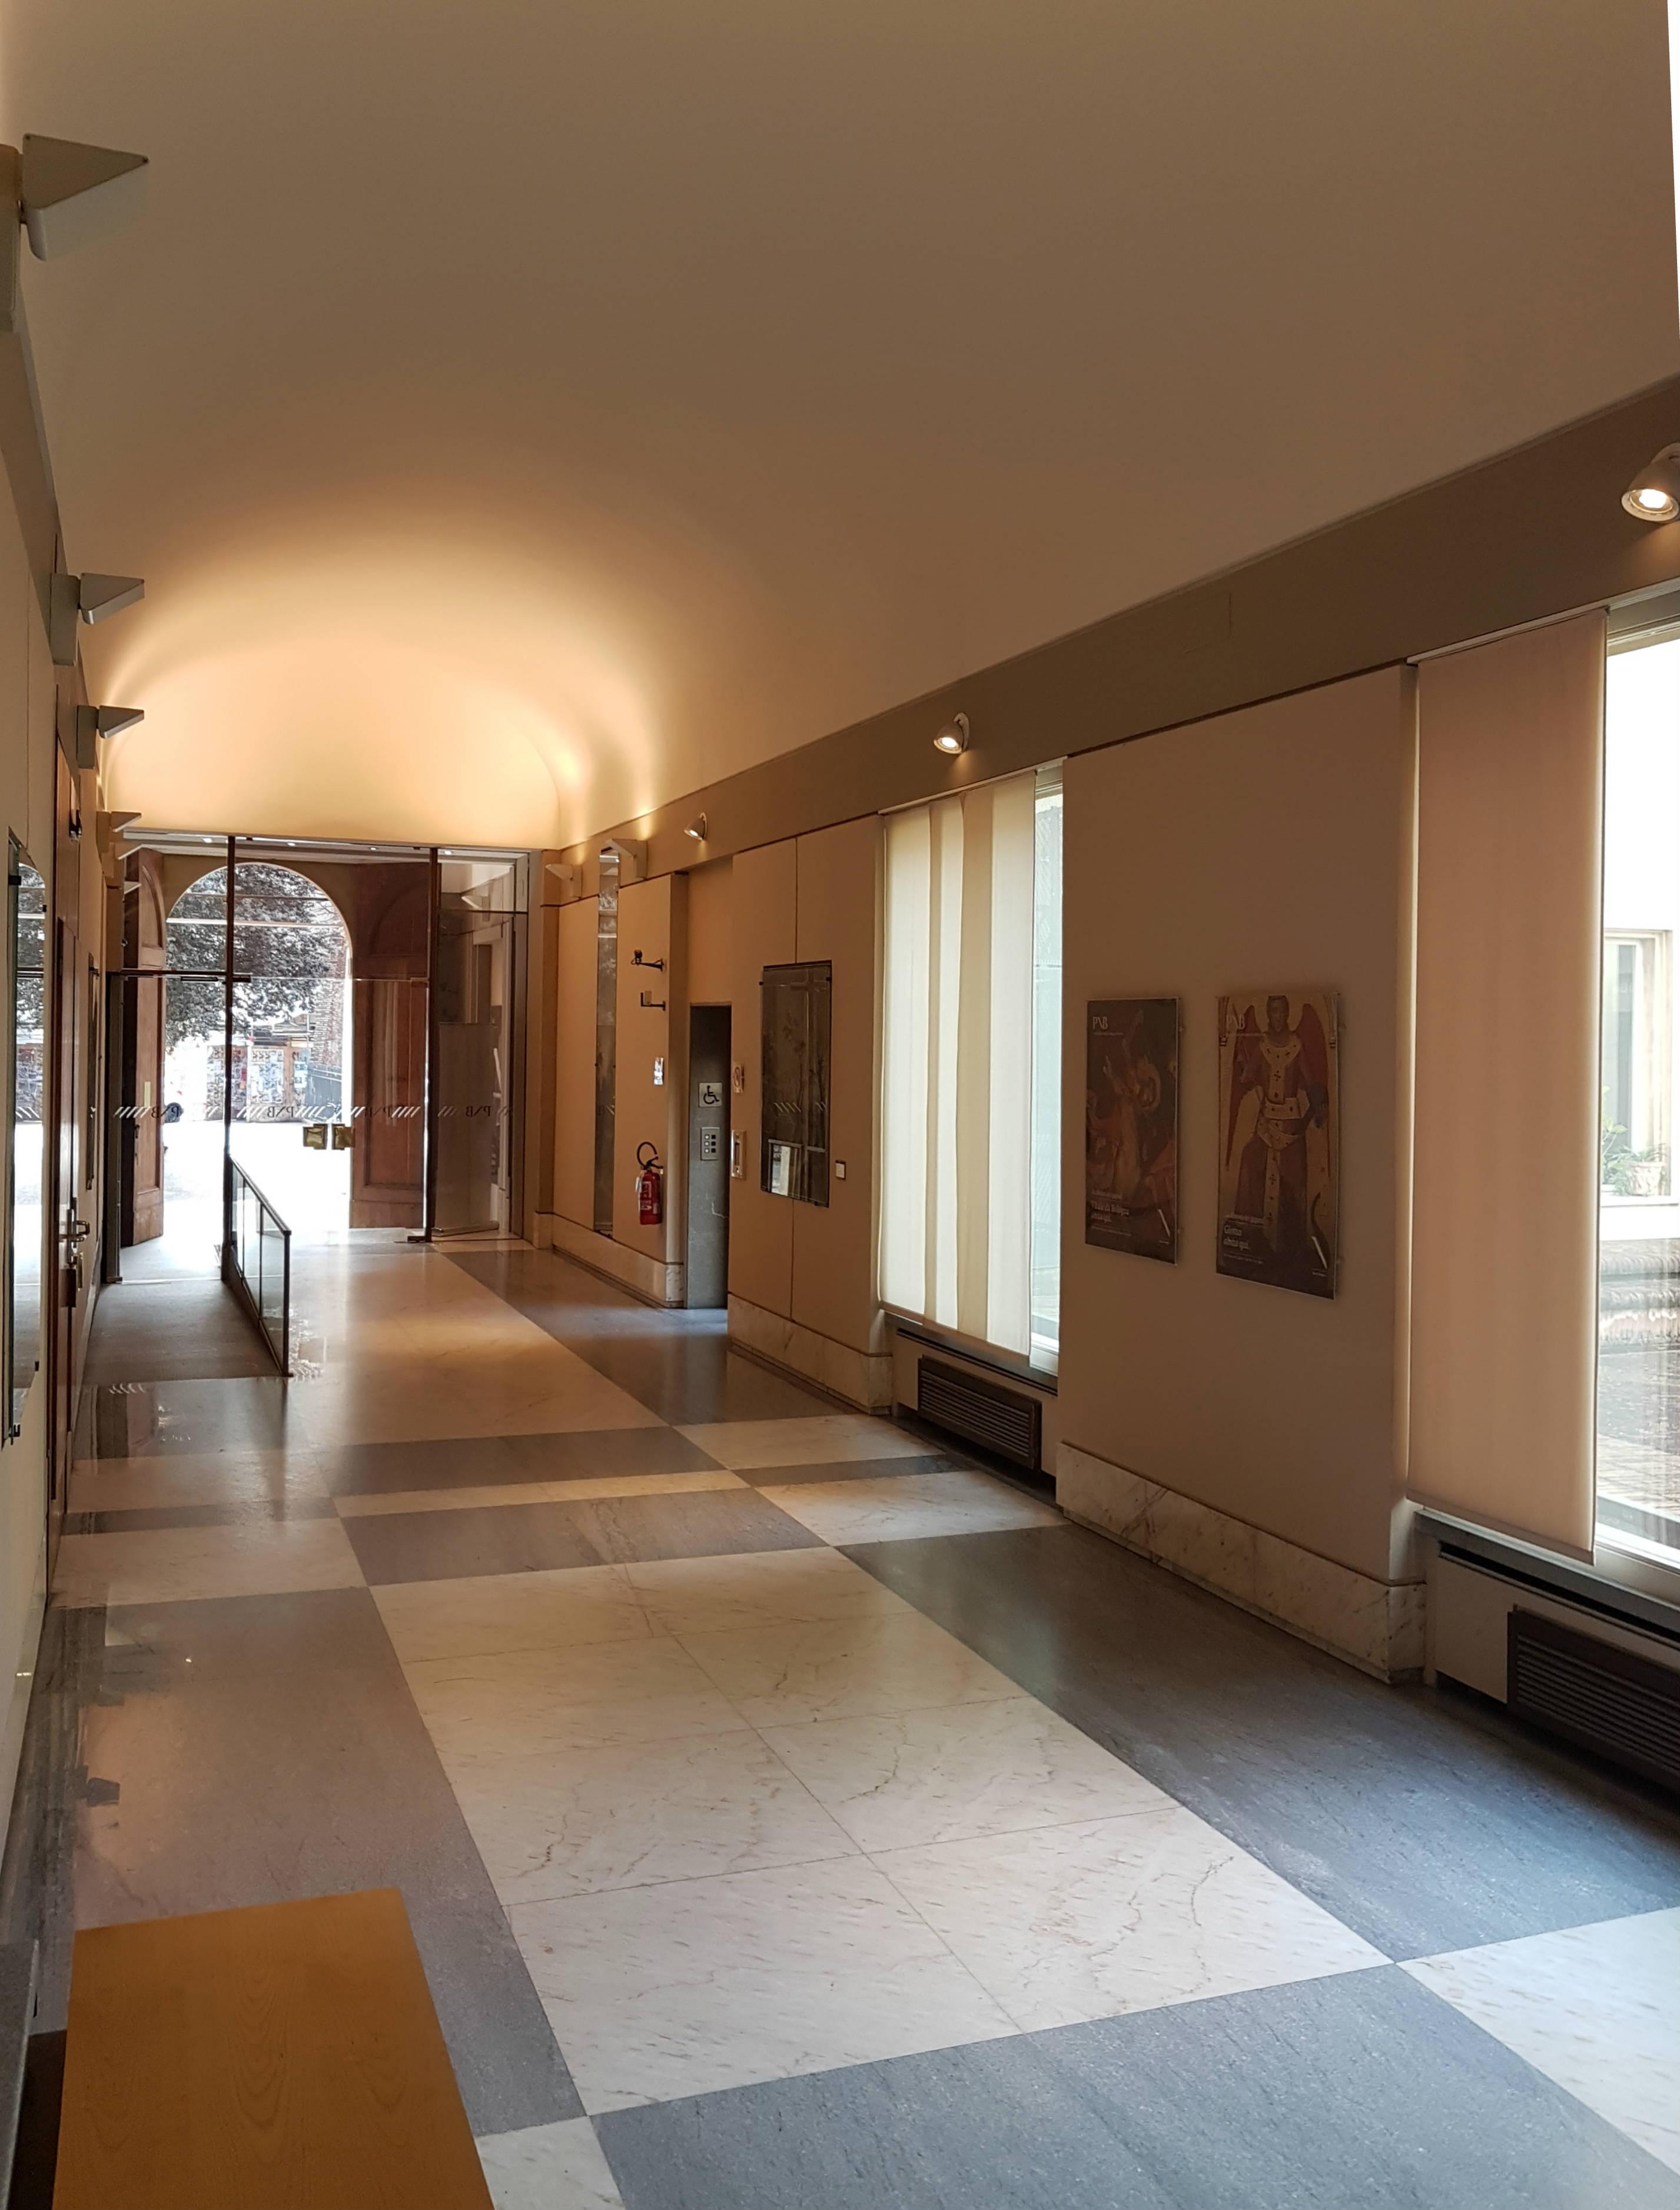 ITON SRL. Sostituzione struttura ascensore nella sede della Pinacoteca Nazionale in via delle Belle Arti (BO).